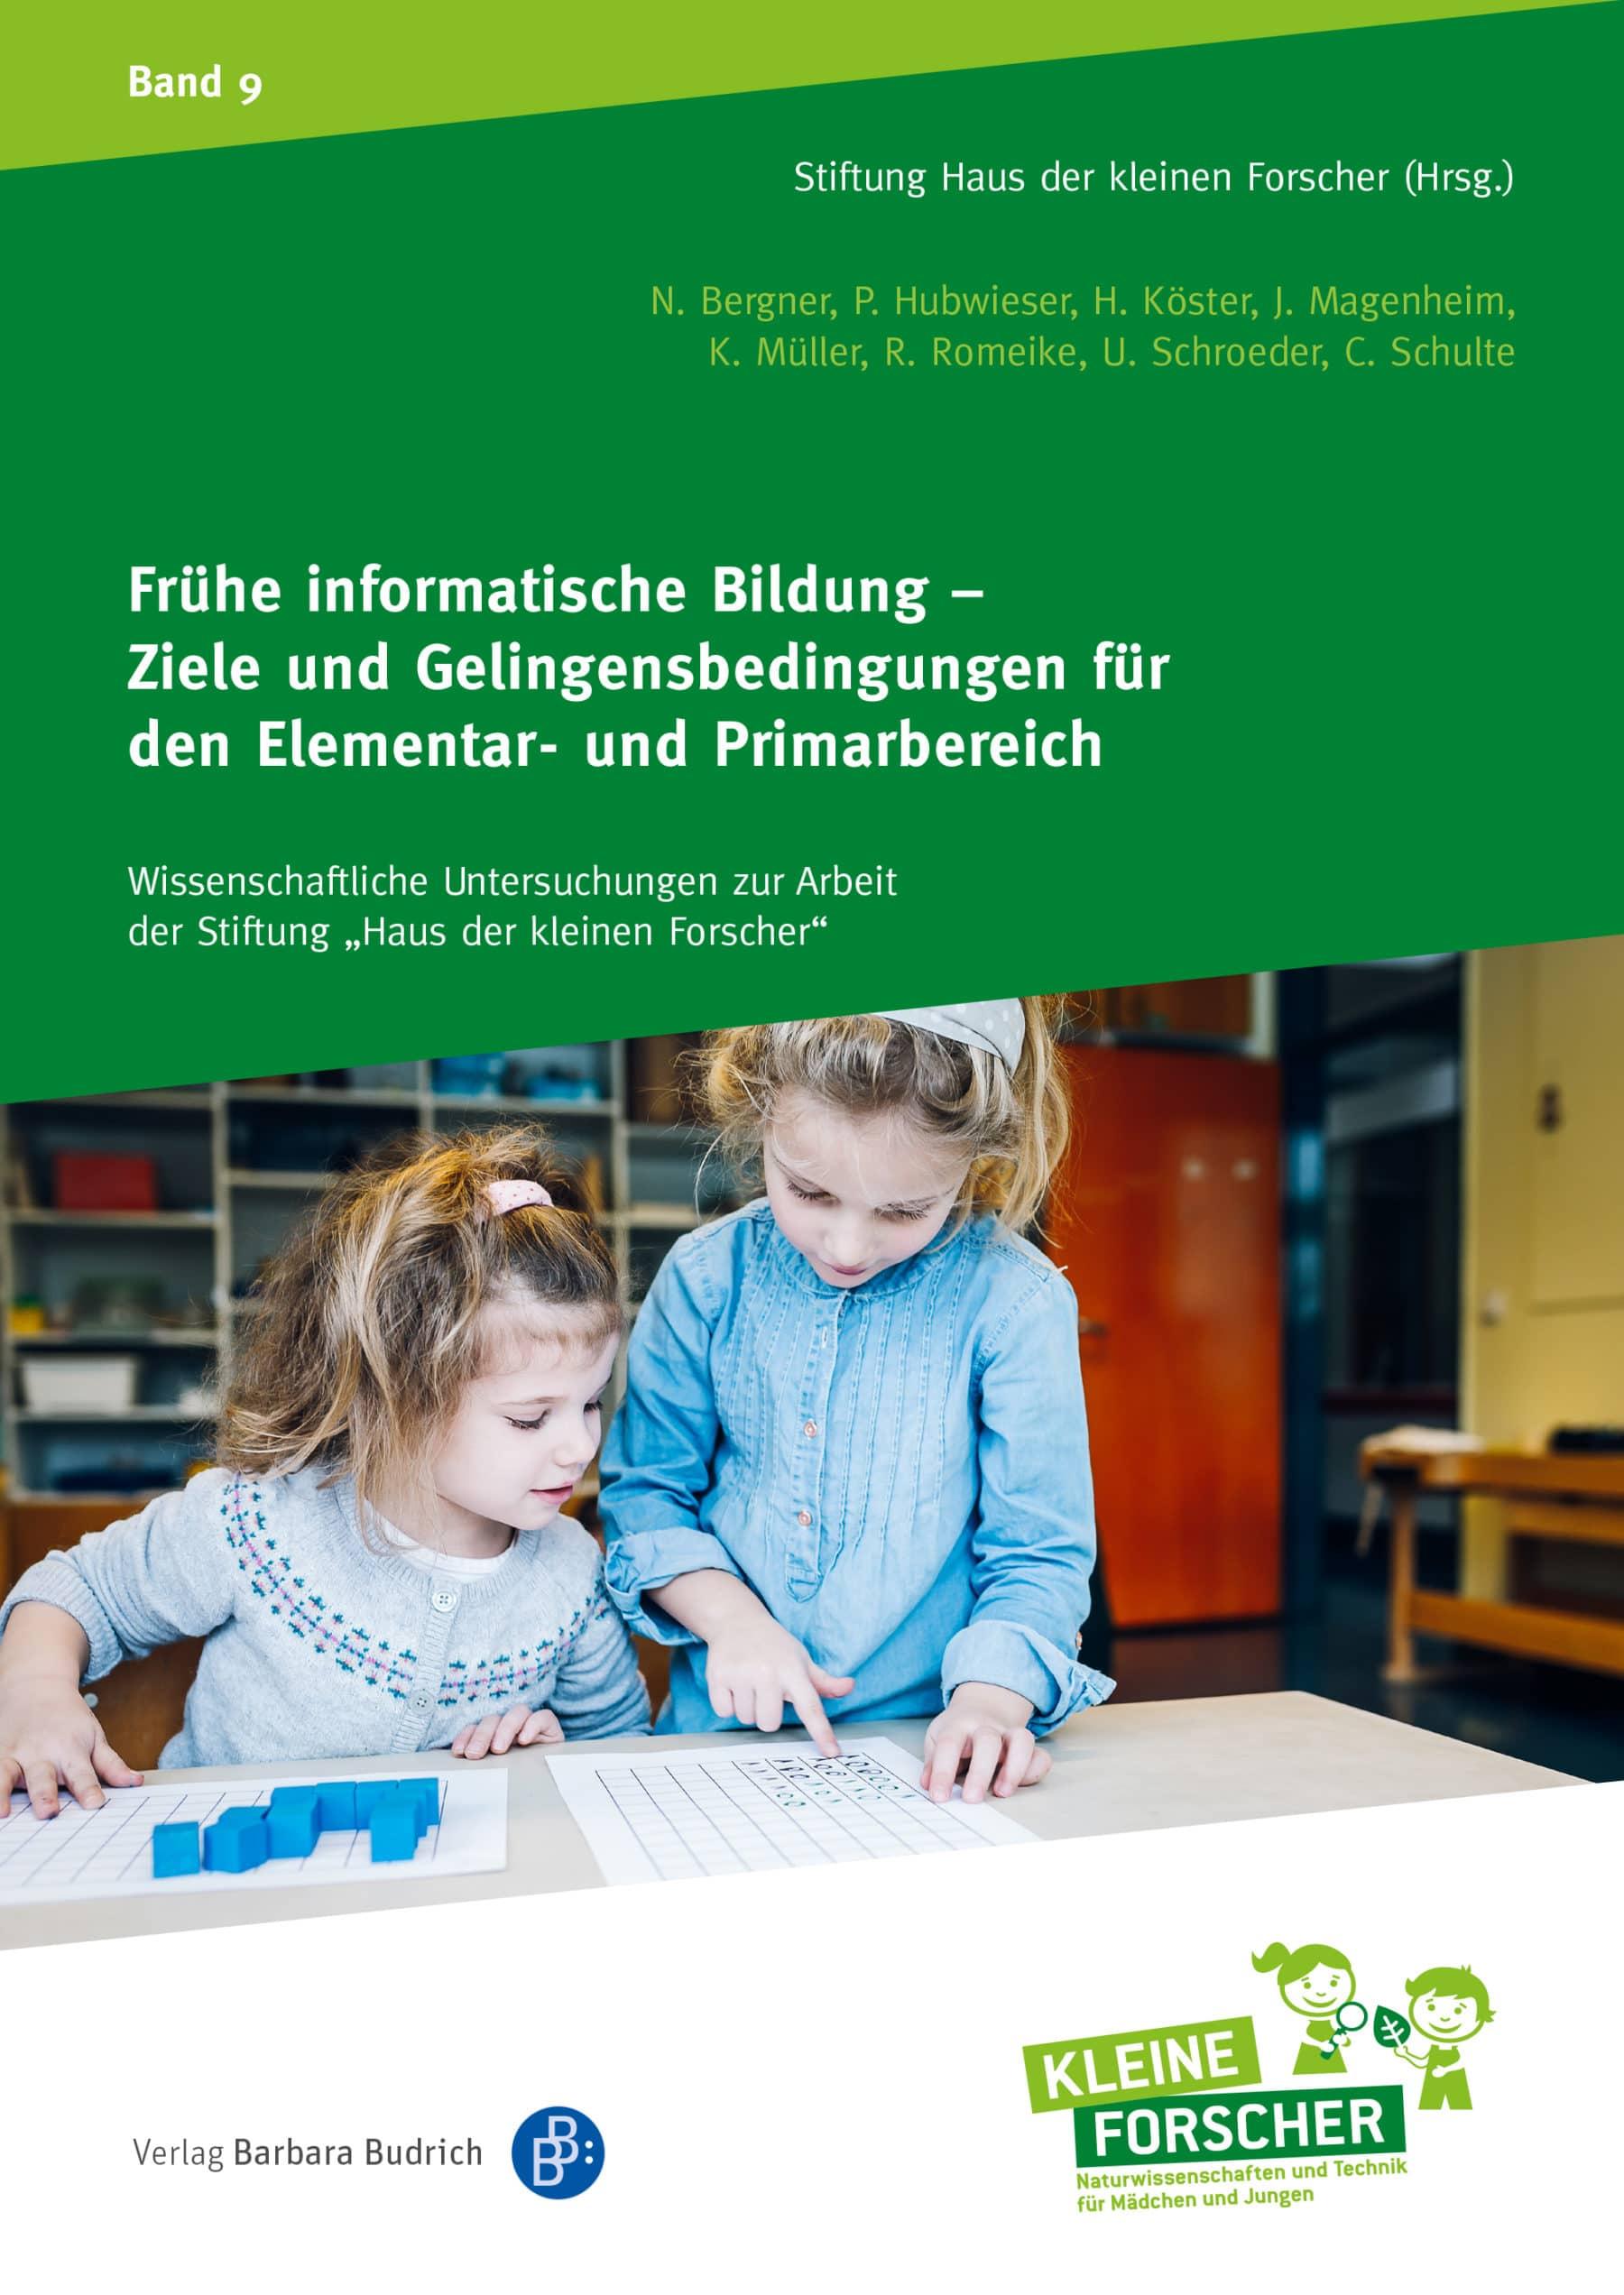 Frühe informatische Bildung - Ziele und Gelingensbedingungen für den Elementar- und Primarbereich